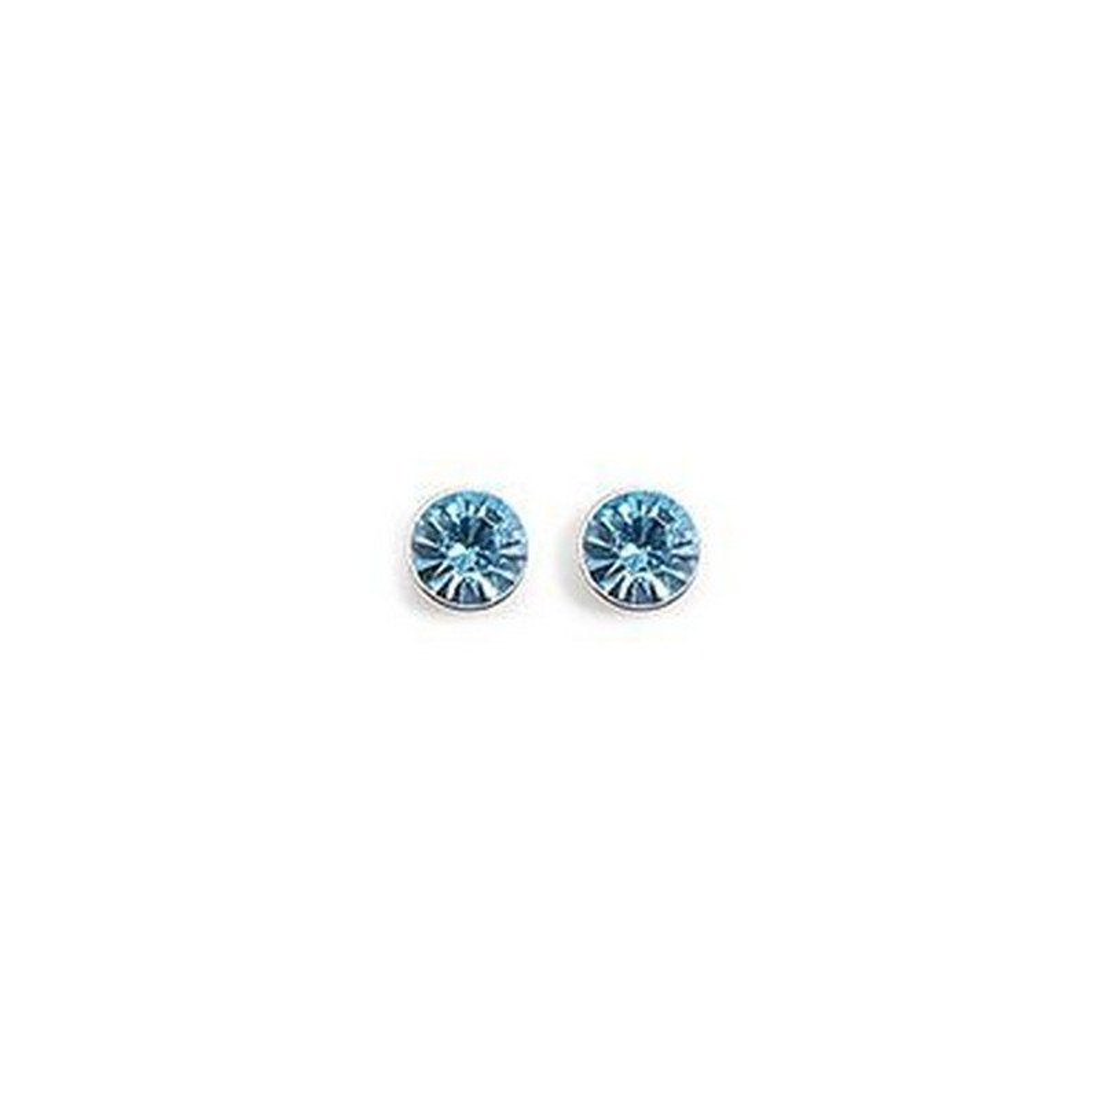 boutique officielle la réputation d'abord fabrication habile Boucles d'oreilles rond cz bleu aigue marine en argent